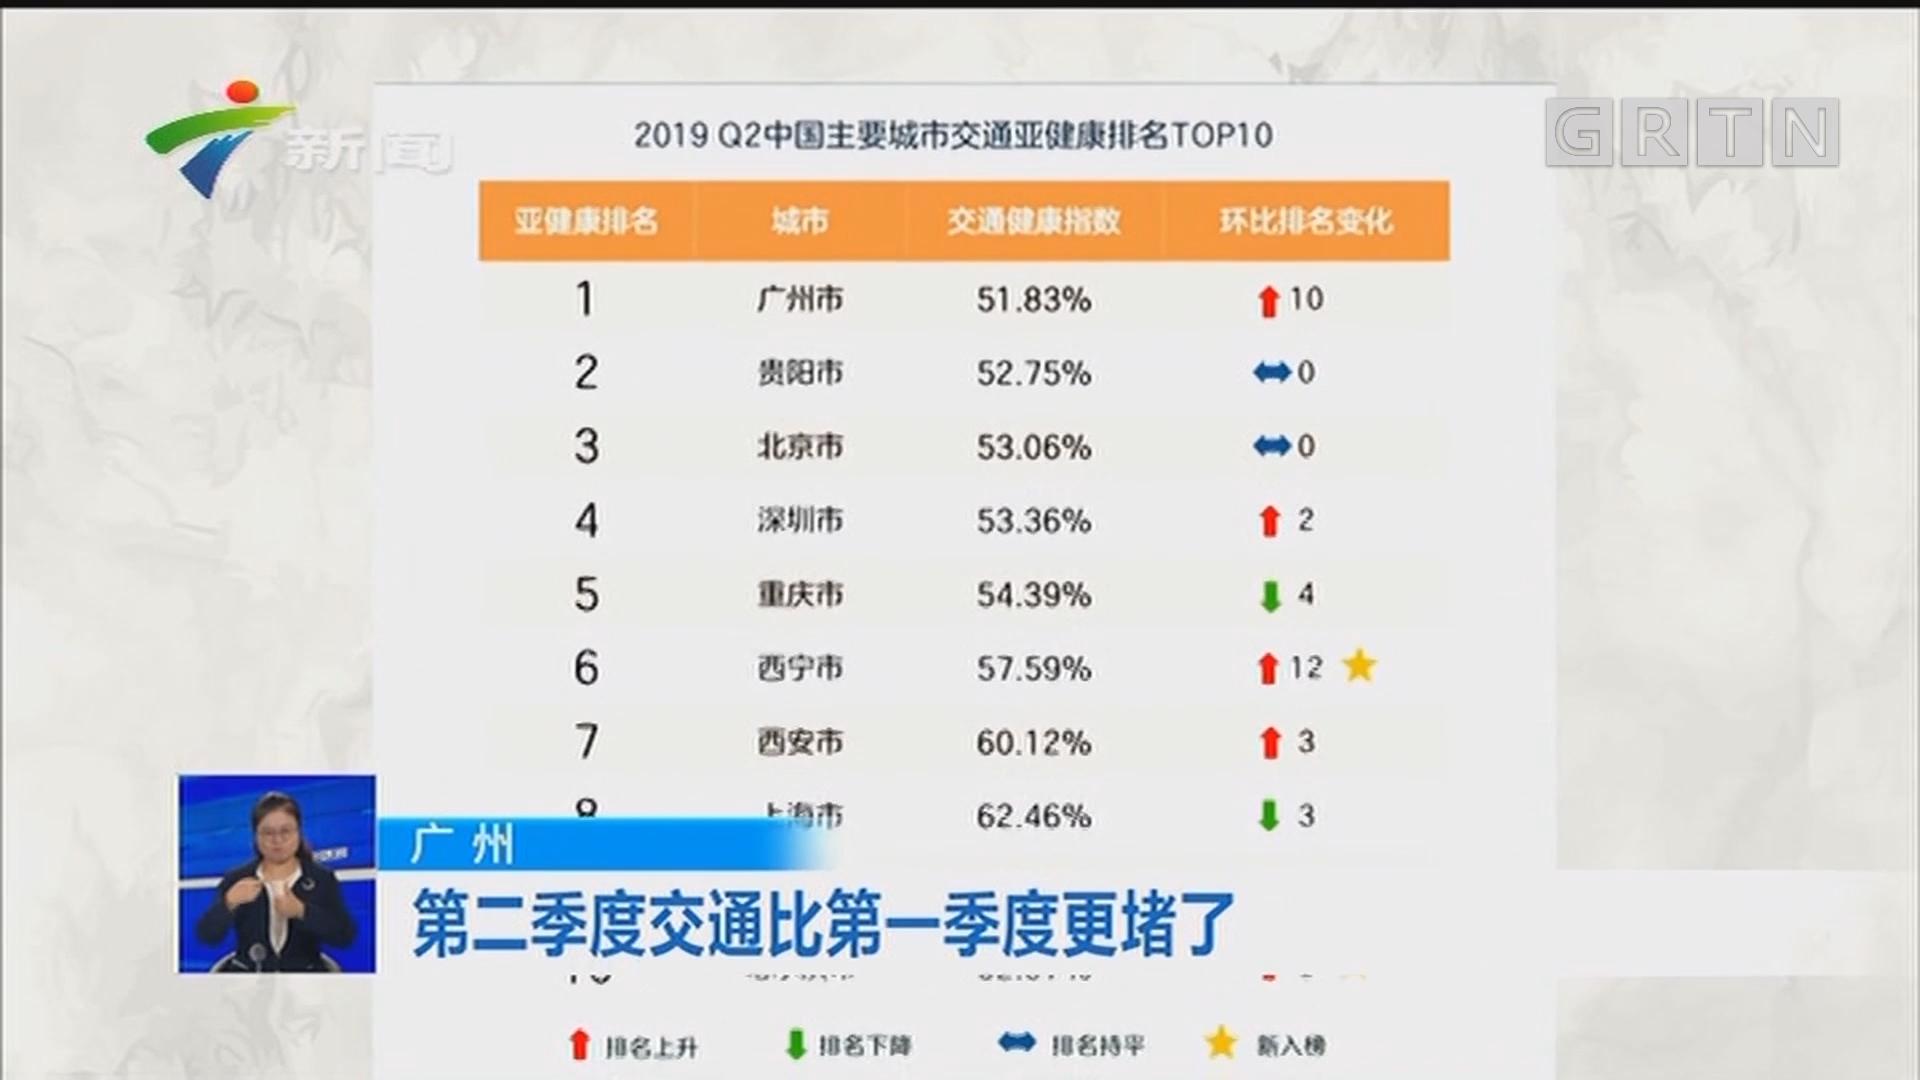 广州:第二季度交通比第一季度更堵了